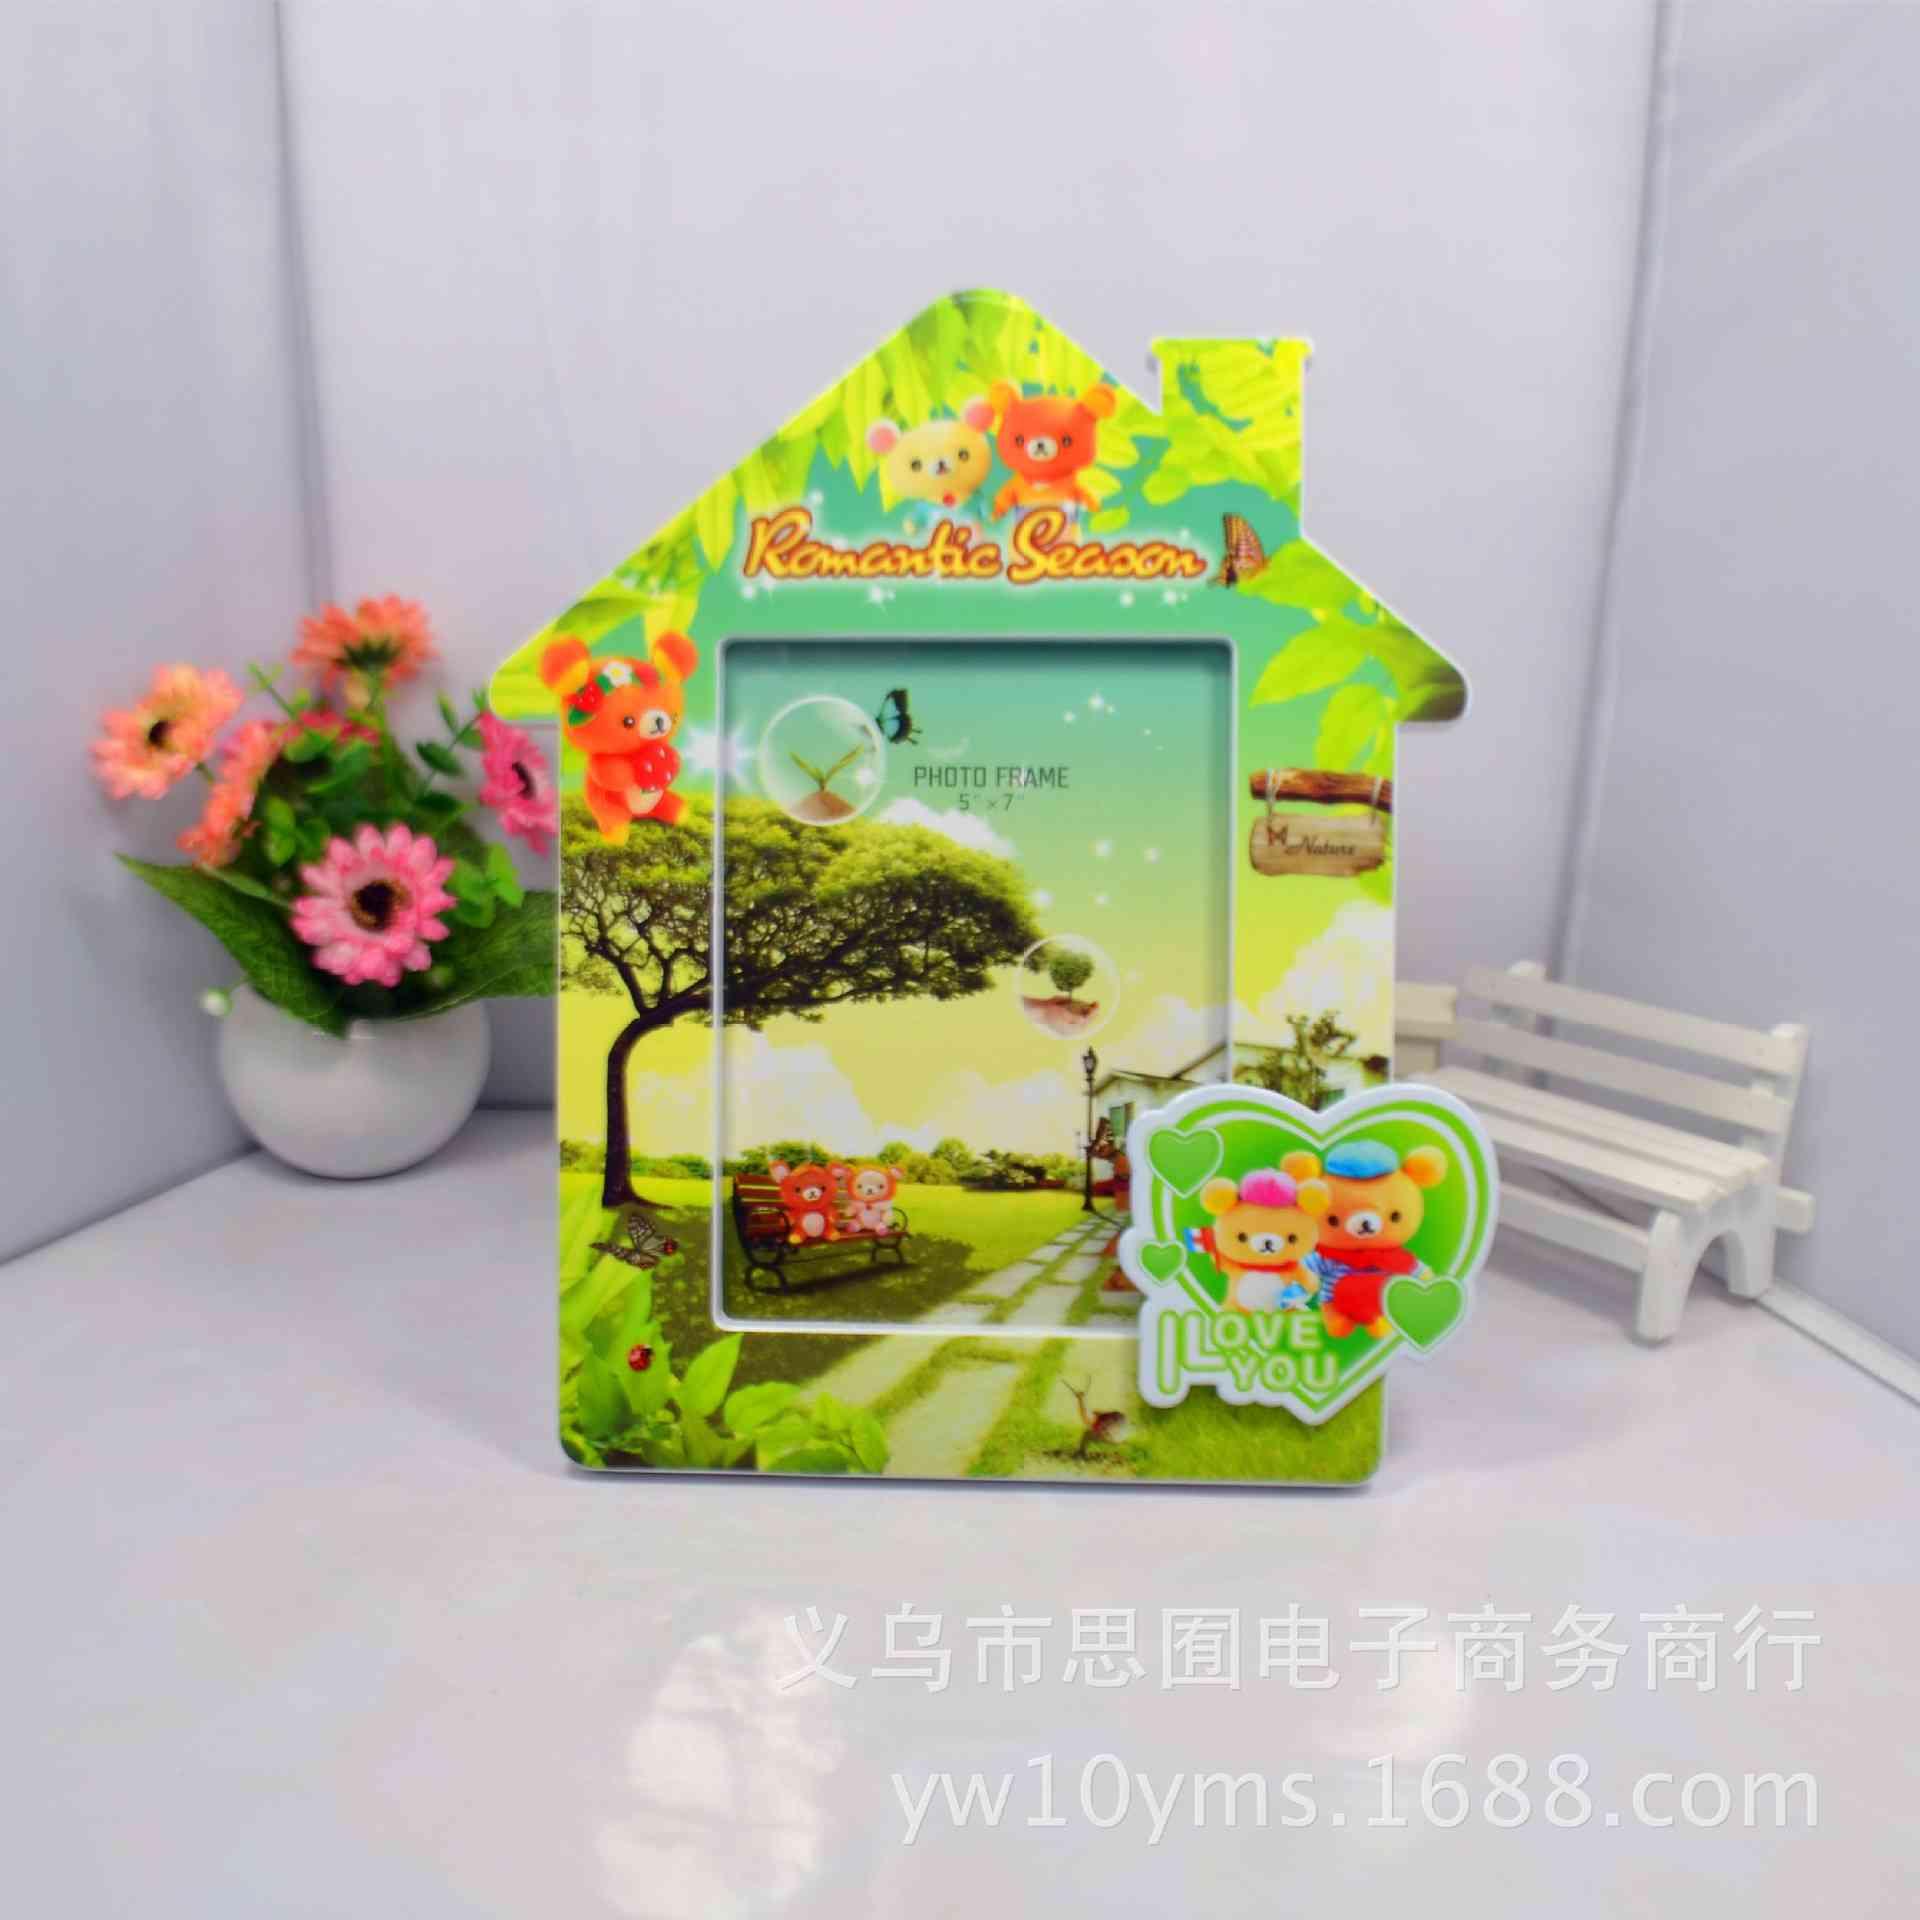 小房子卡通相框 7寸相框 相框批发 礼品相框 tdb111